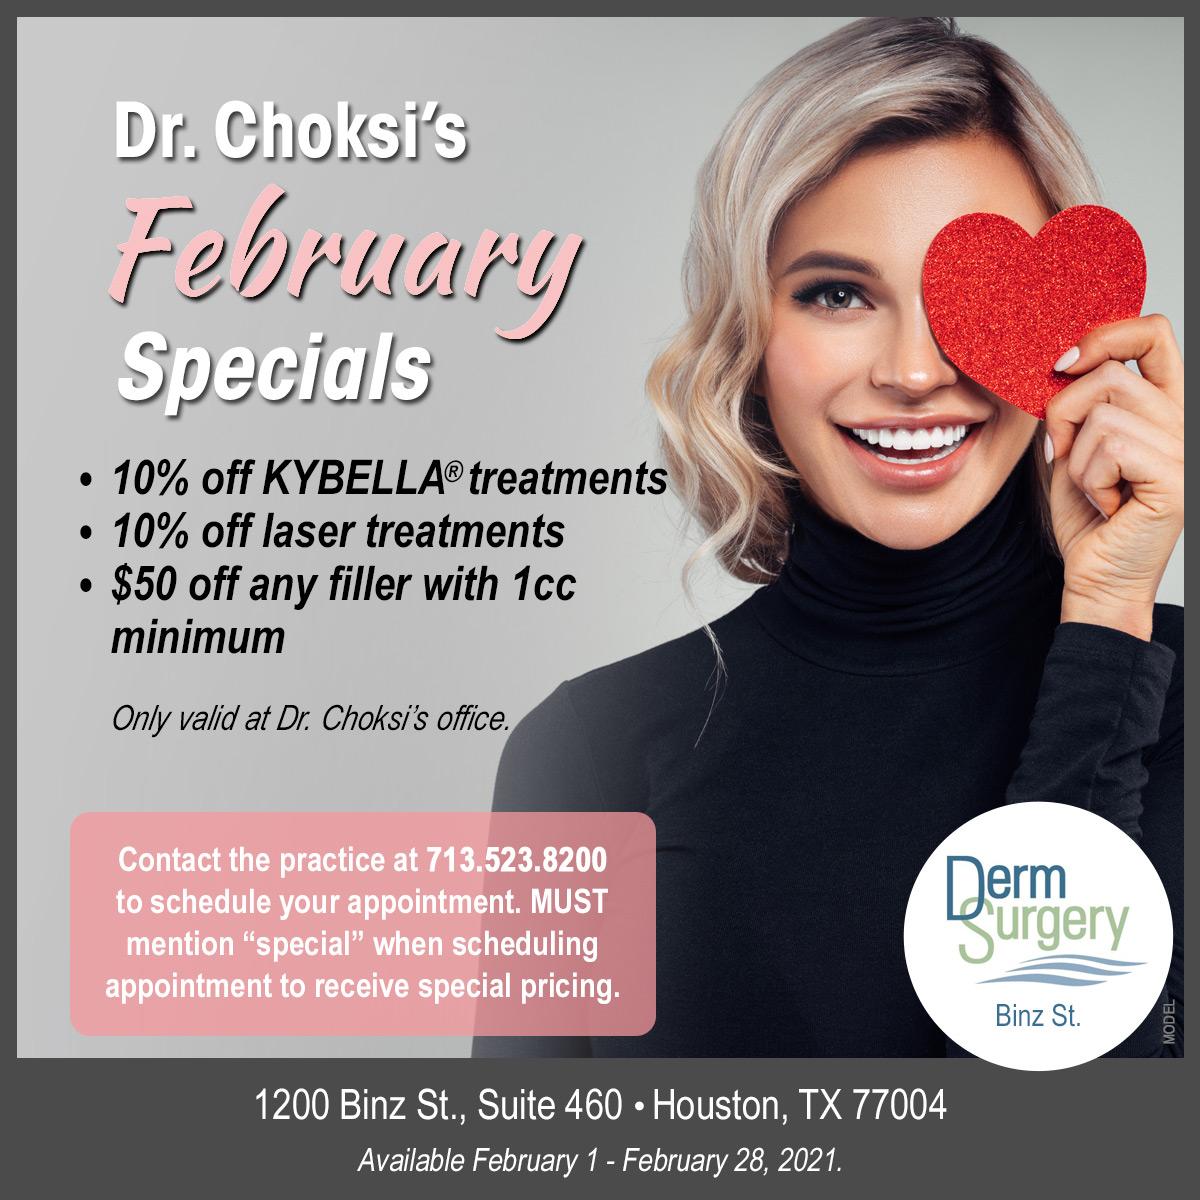 Dr. Choksi's February Special